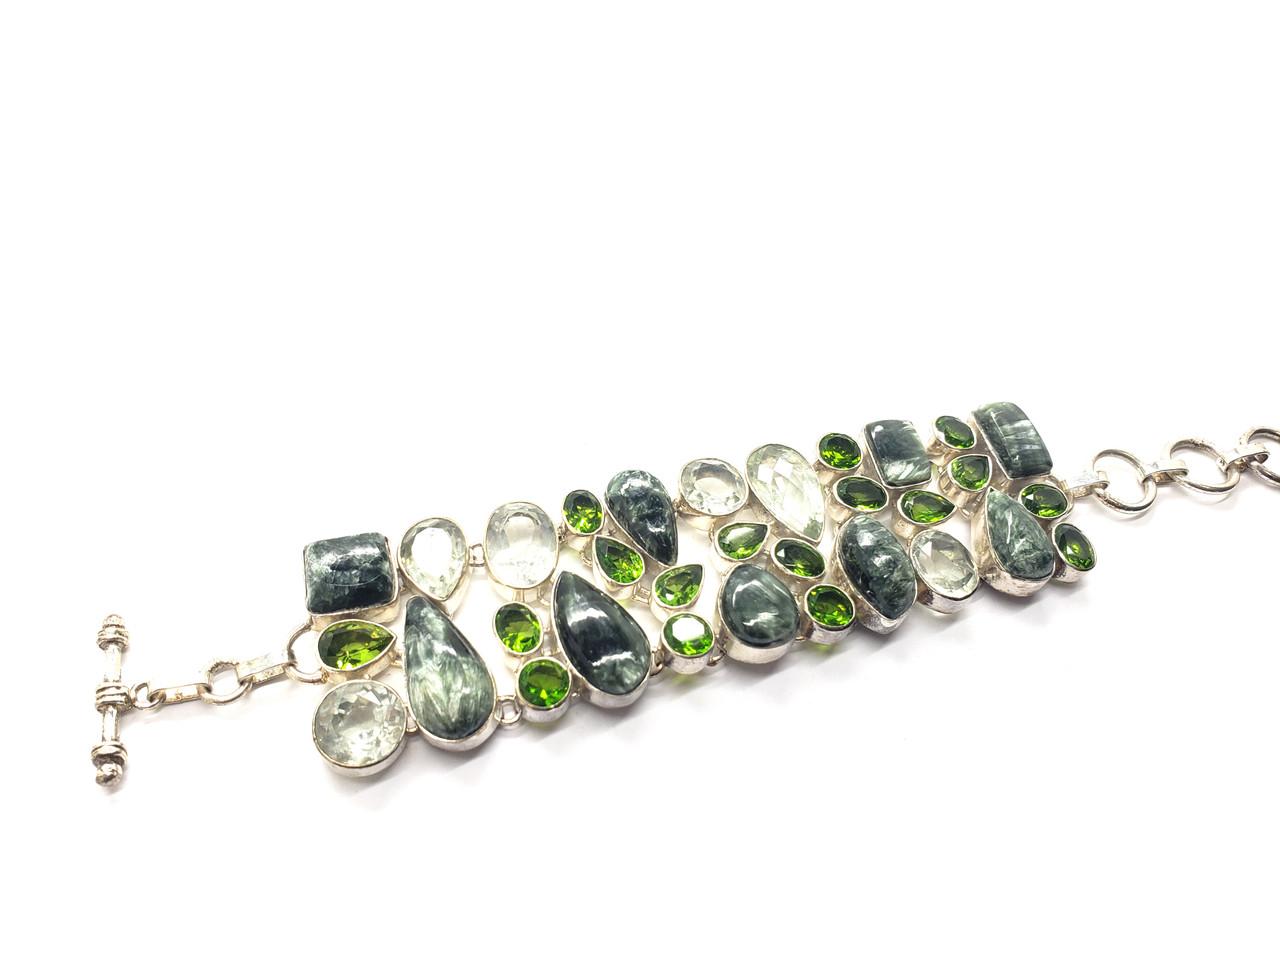 Seraphinite, Peridot and Clear Quartz Conductive Silver Bracelet